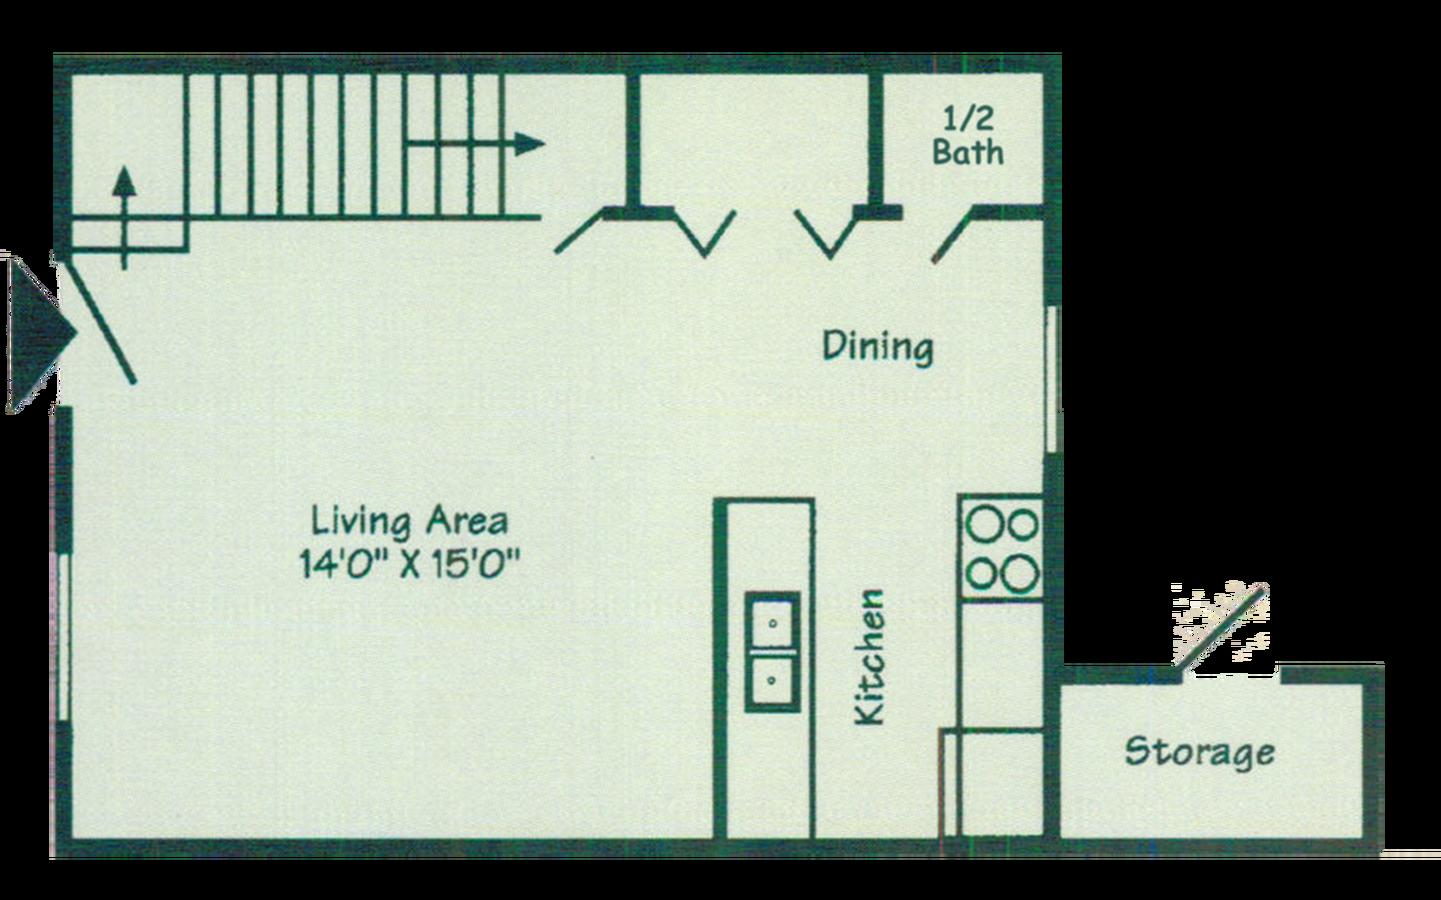 2 Bedroom 1.5 Bath downstaires